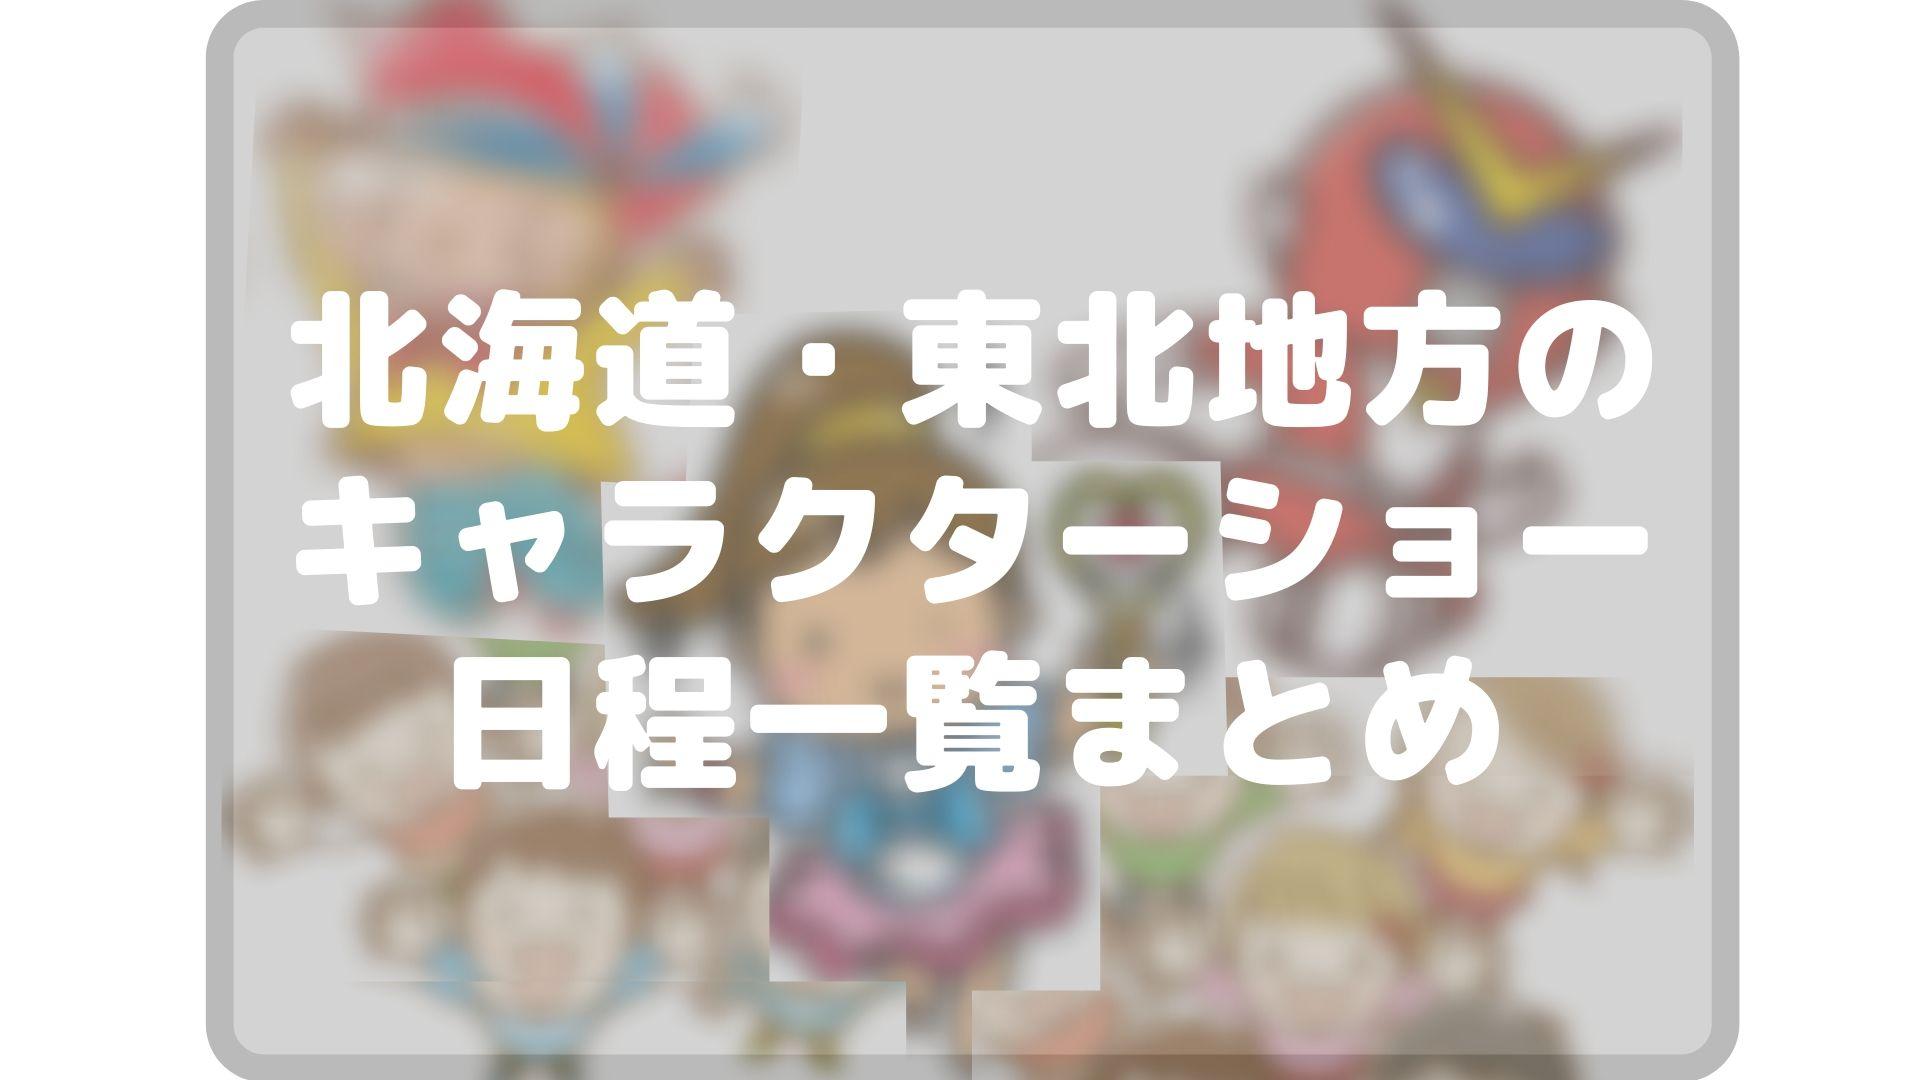 北海道・東北地方のキャラクターショーまとめタイトル画像